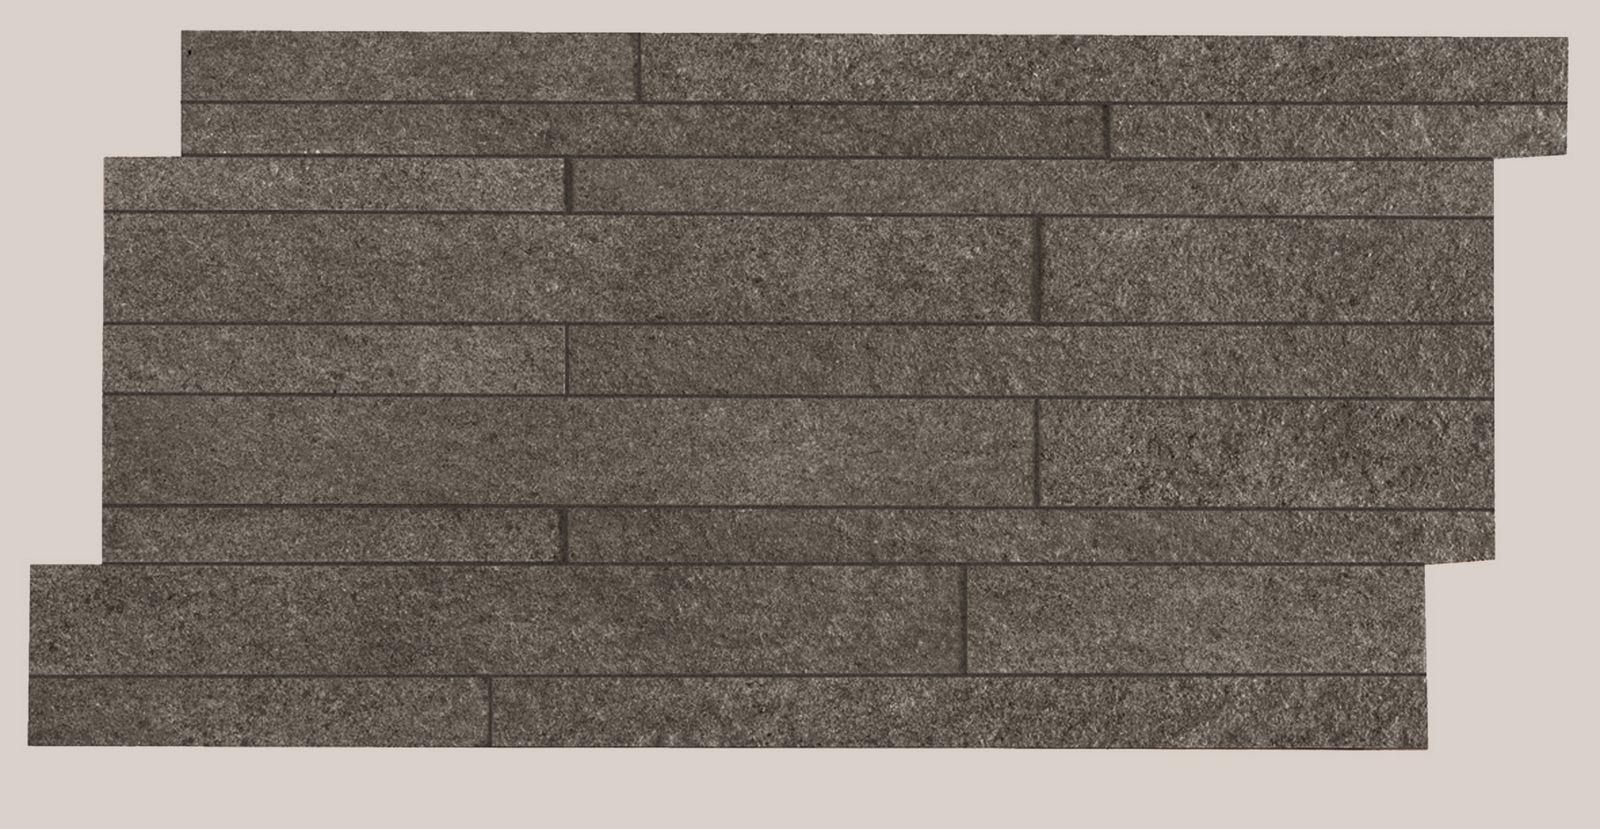 rev tement de sol mur pour int rieur et ext rieur percorsi. Black Bedroom Furniture Sets. Home Design Ideas